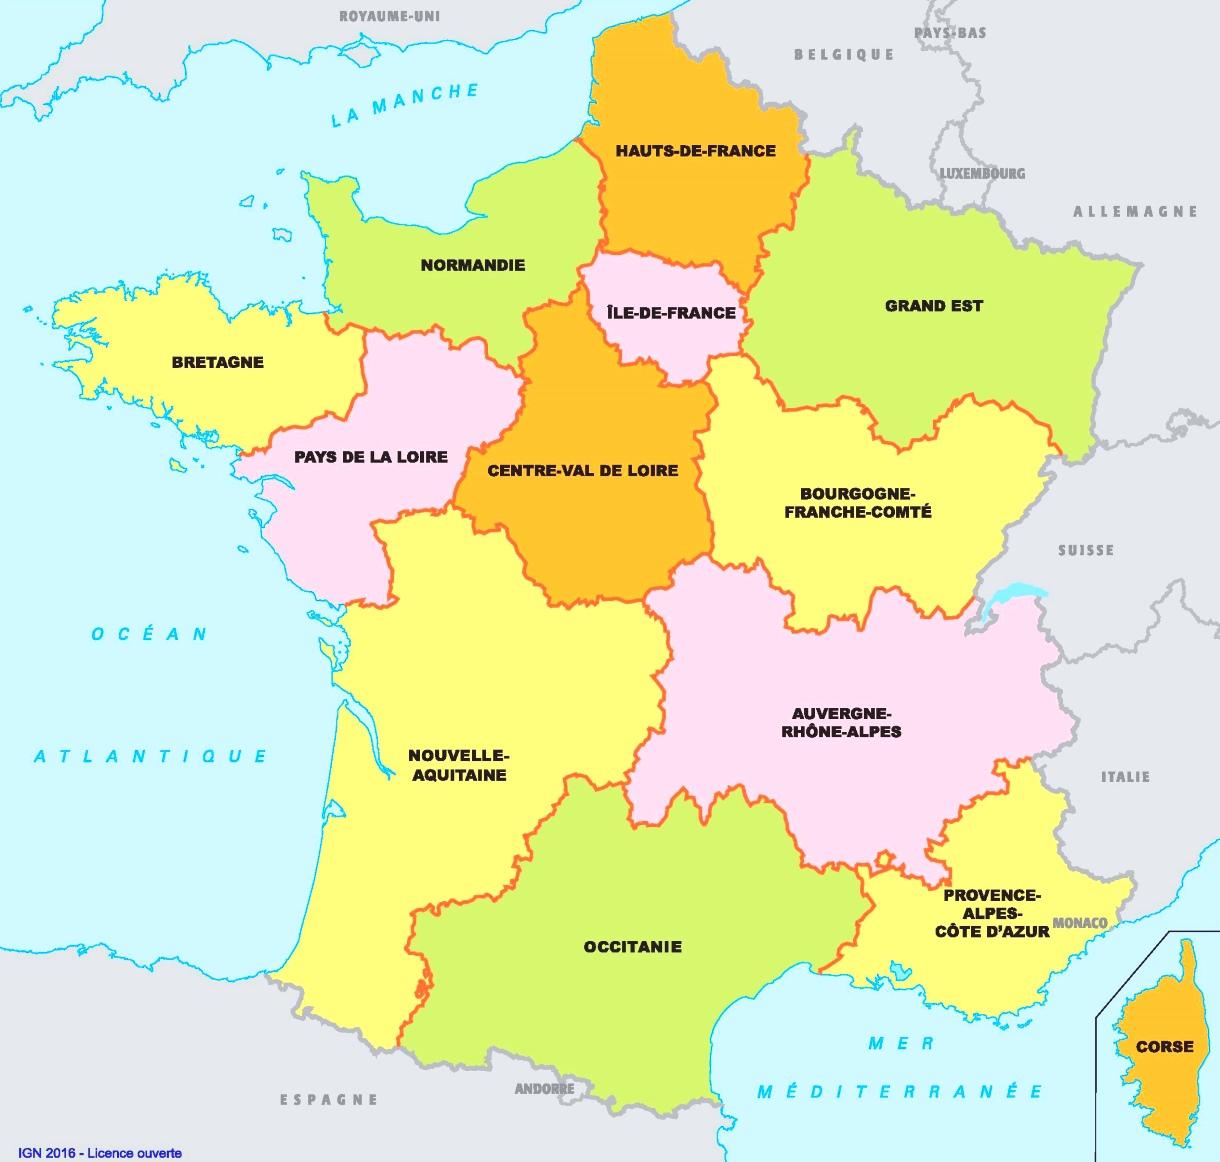 Frankreich Karte Regionen.Karte Der Französischen Regionen